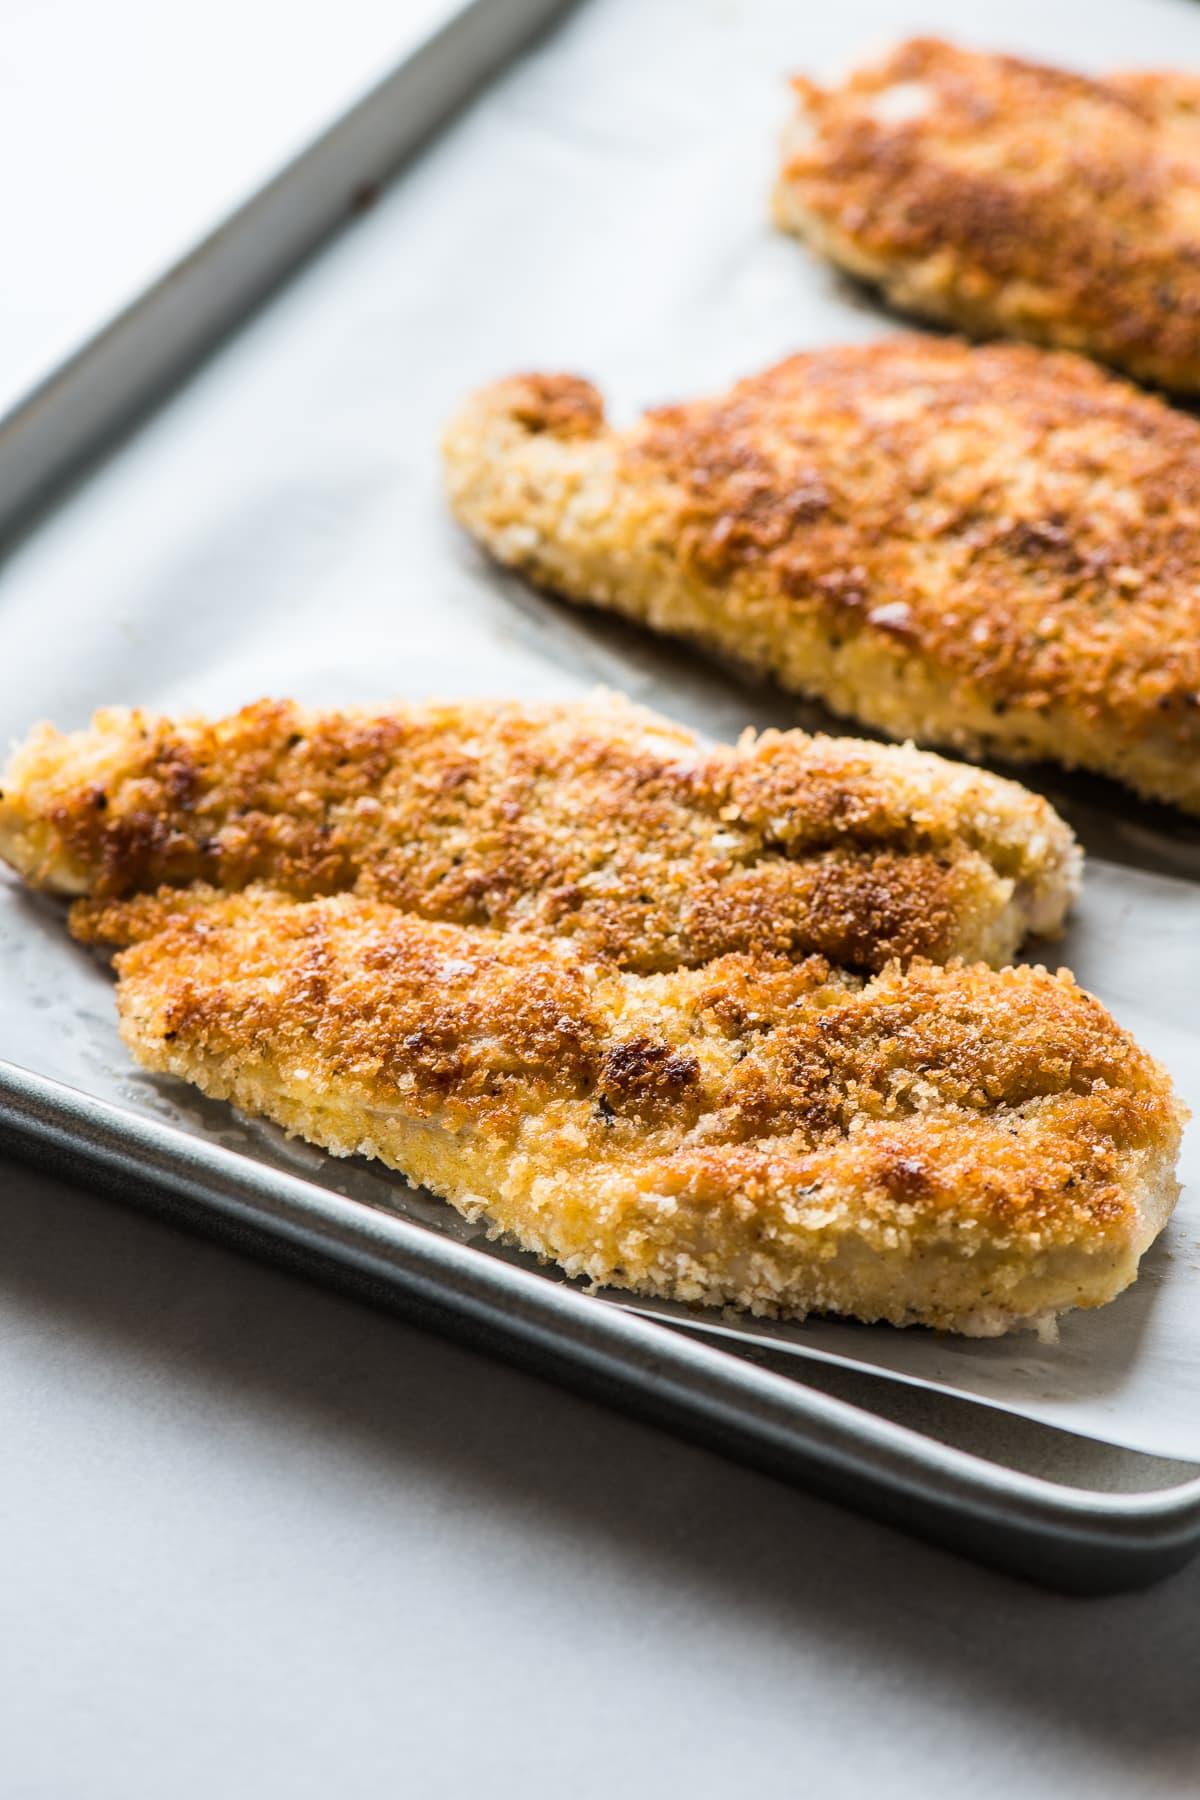 Milanesa de Pollo (Chicken Milanese) cutlets on a baking sheet.